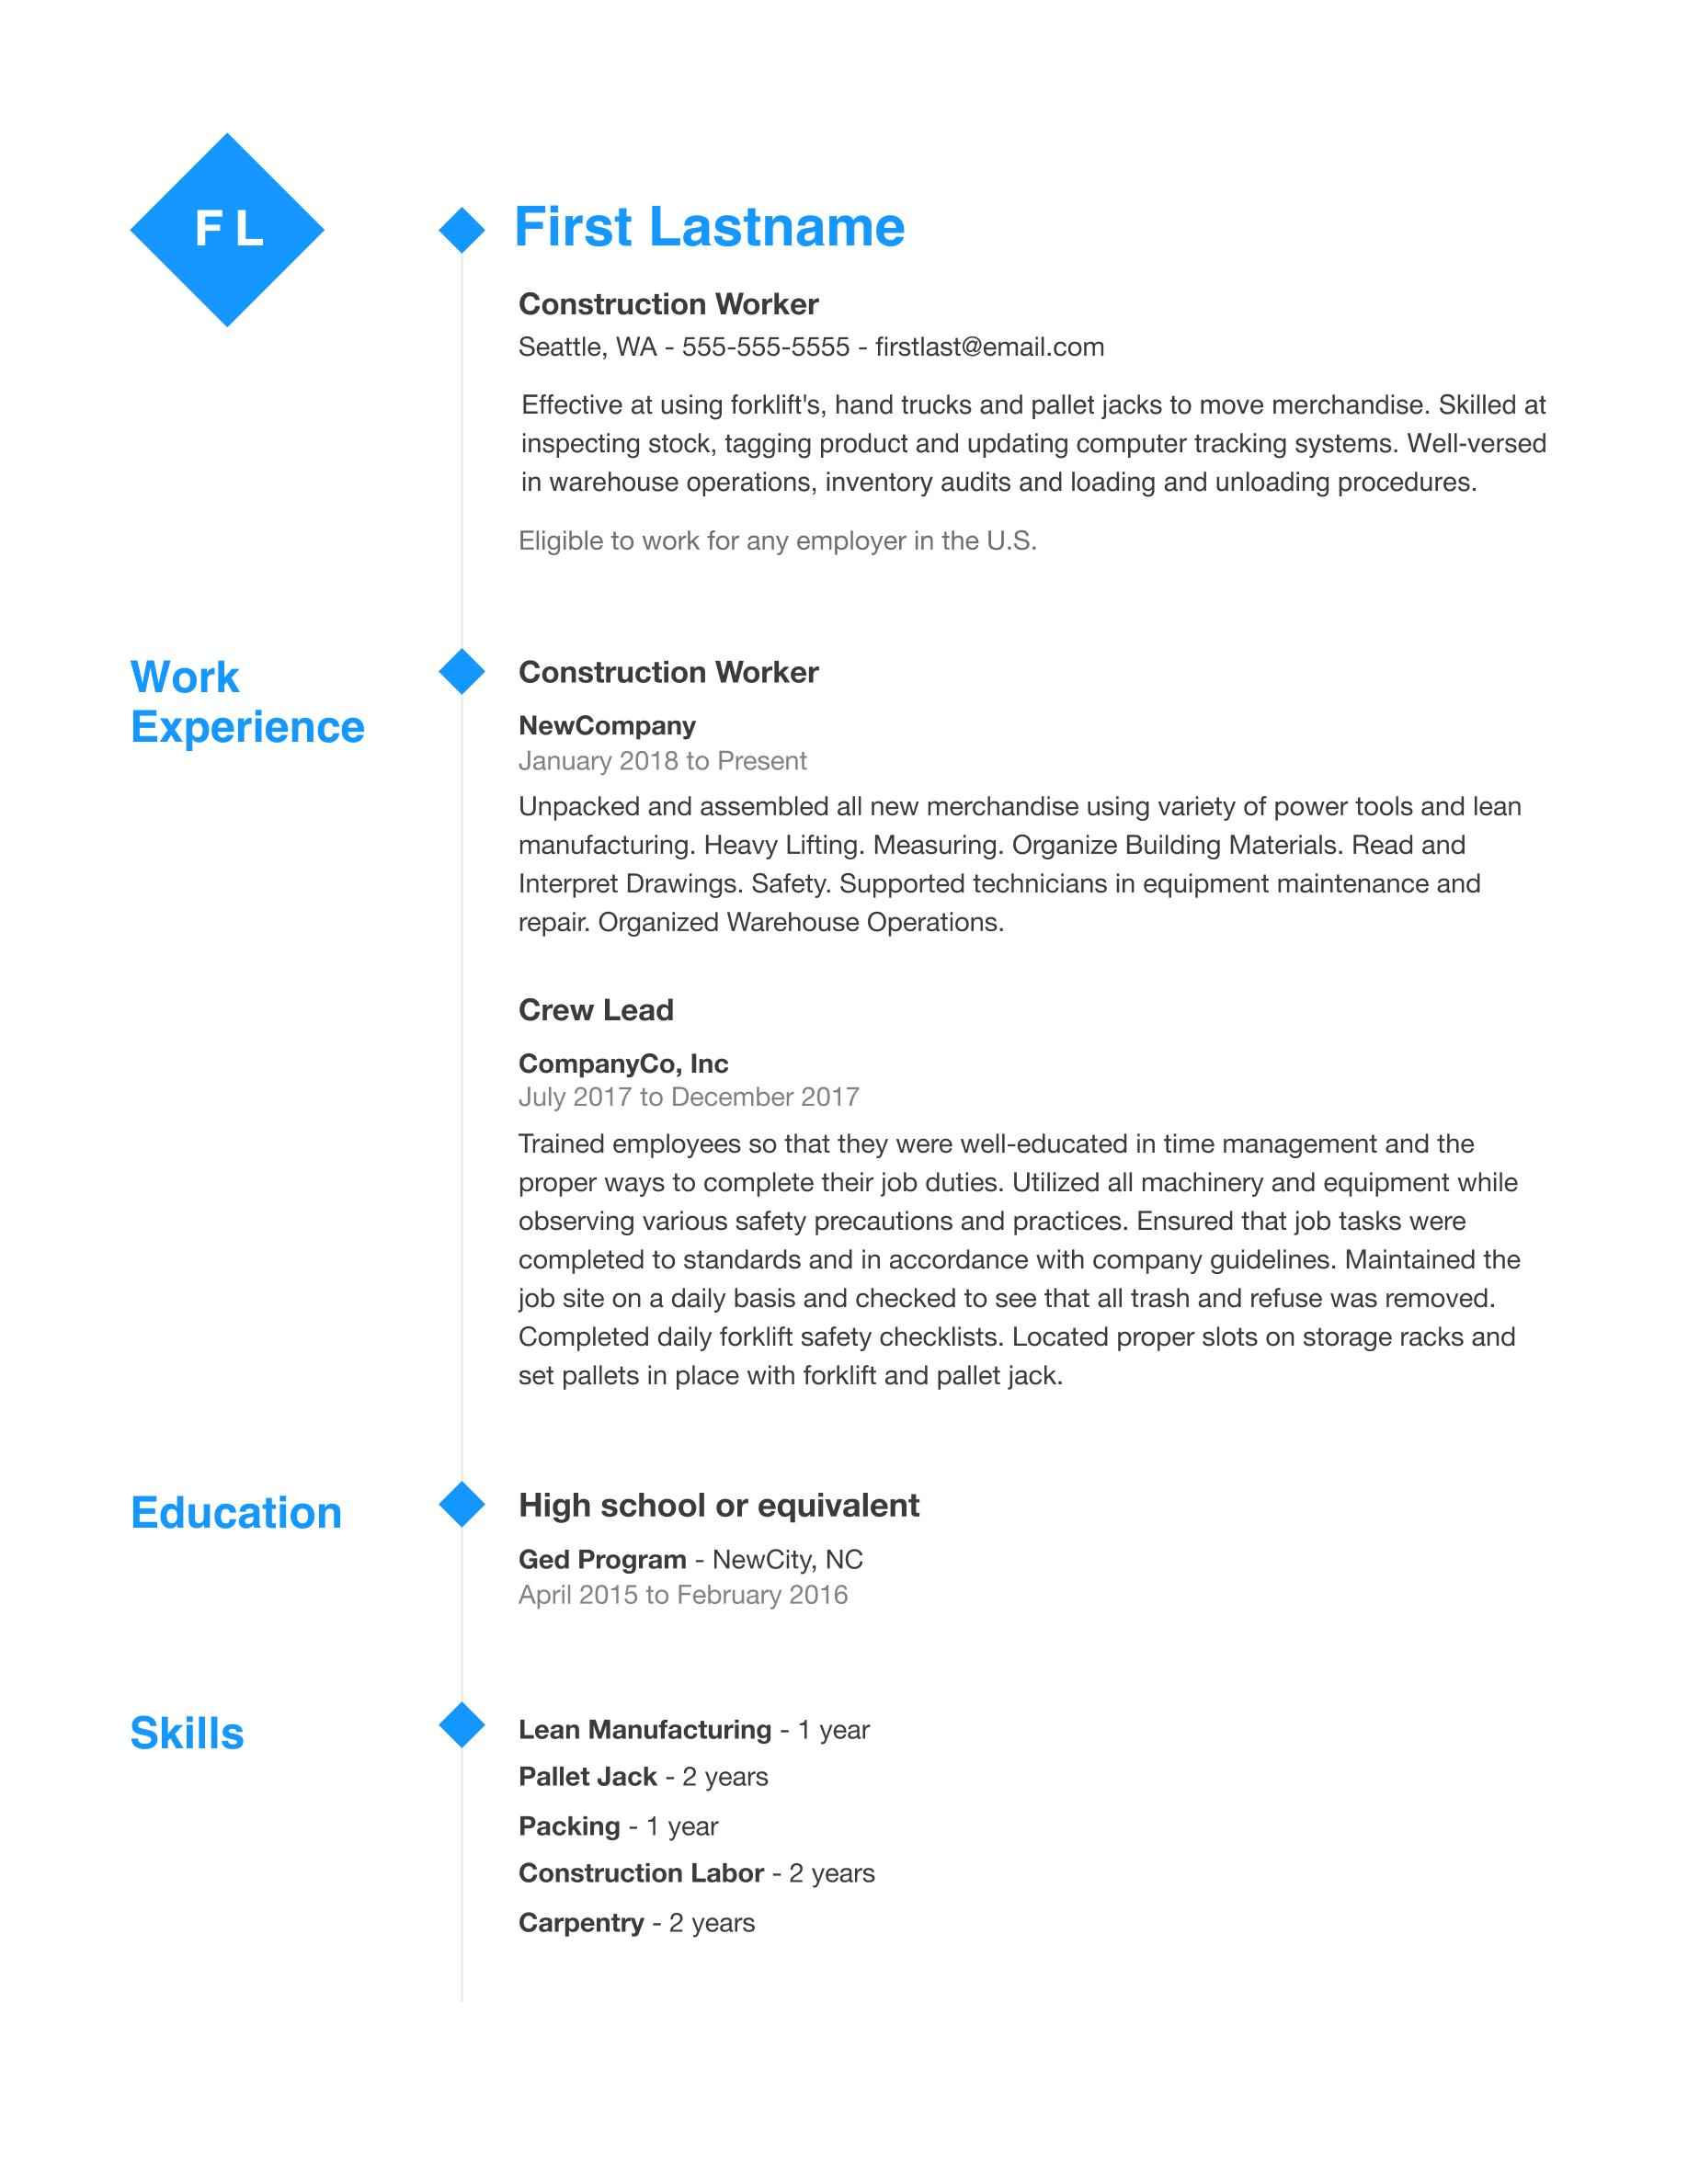 Nuik Noke Job Templates Of Resumes Free Professional Resume Template Resume Template Professional Resume Templates